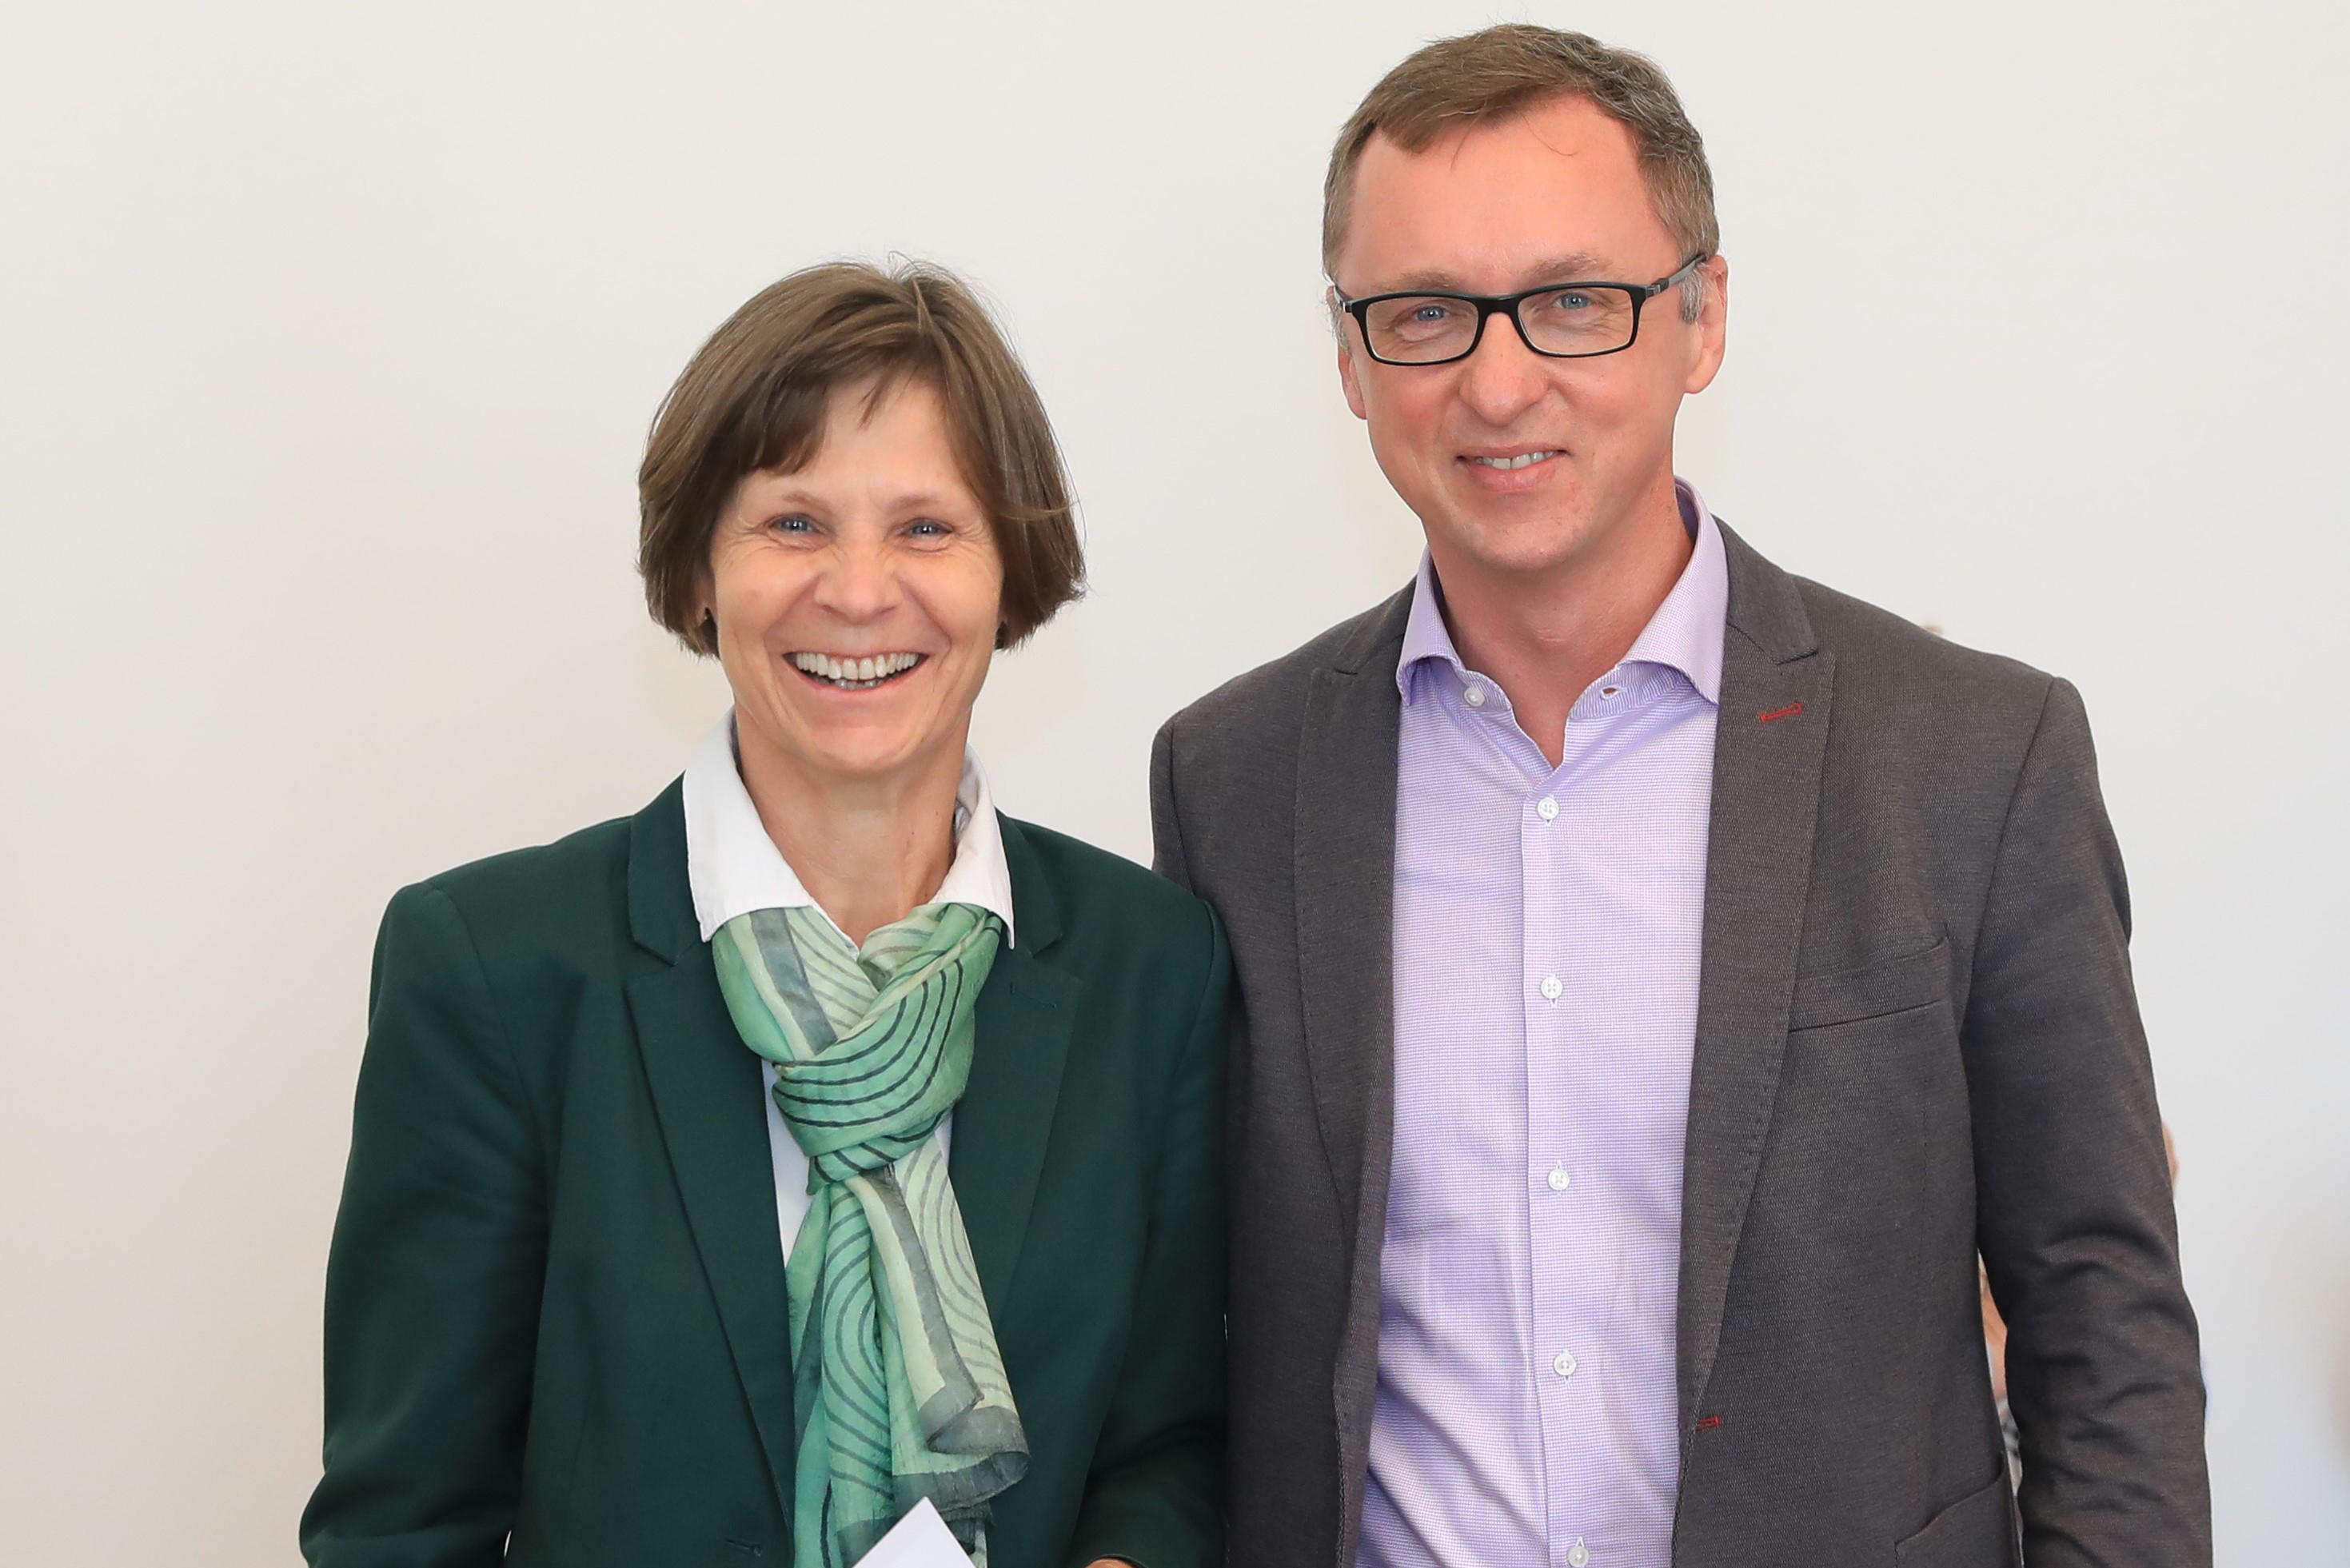 Sr. Christine Rod und Peter Bohynik sind die neue operative Spitze der Österreichischen Ordenskonferenz